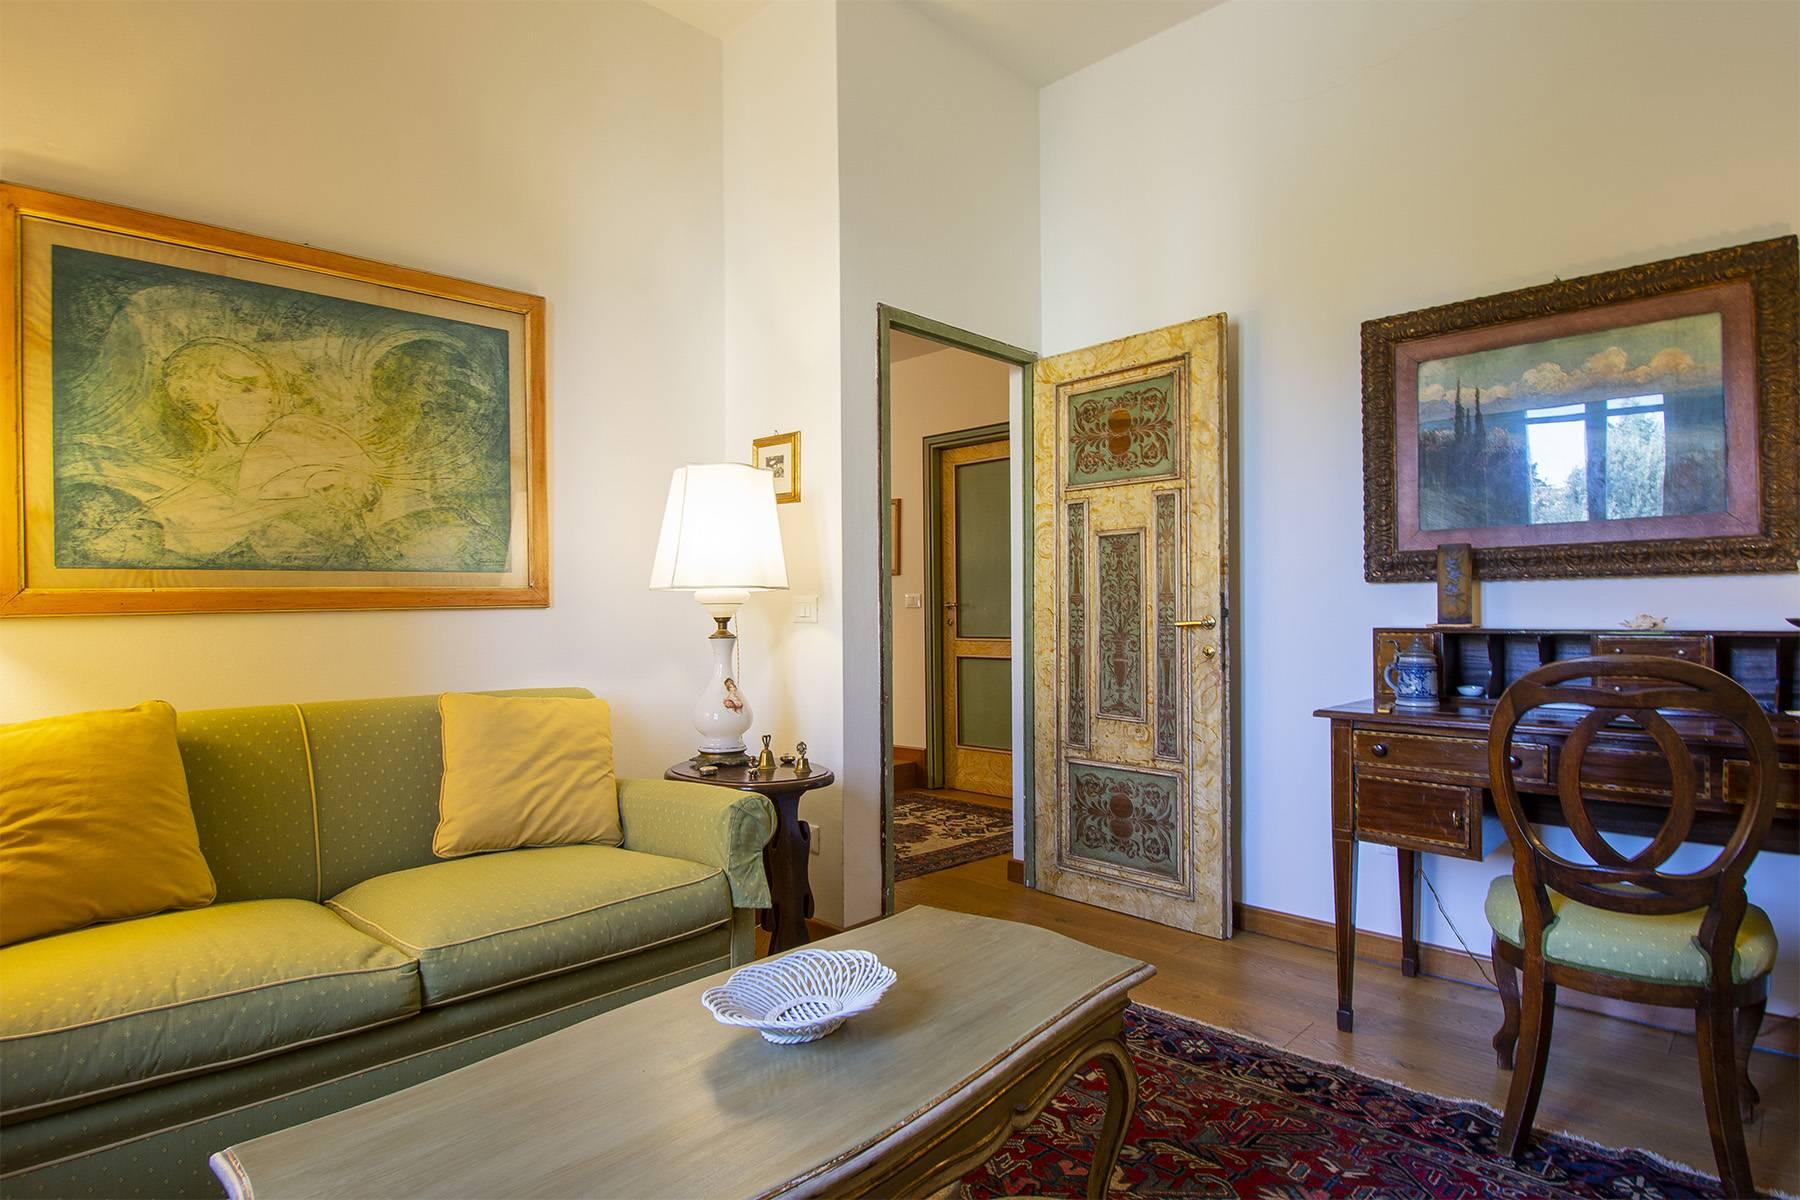 Appartamento in Vendita a Firenze: 5 locali, 182 mq - Foto 17